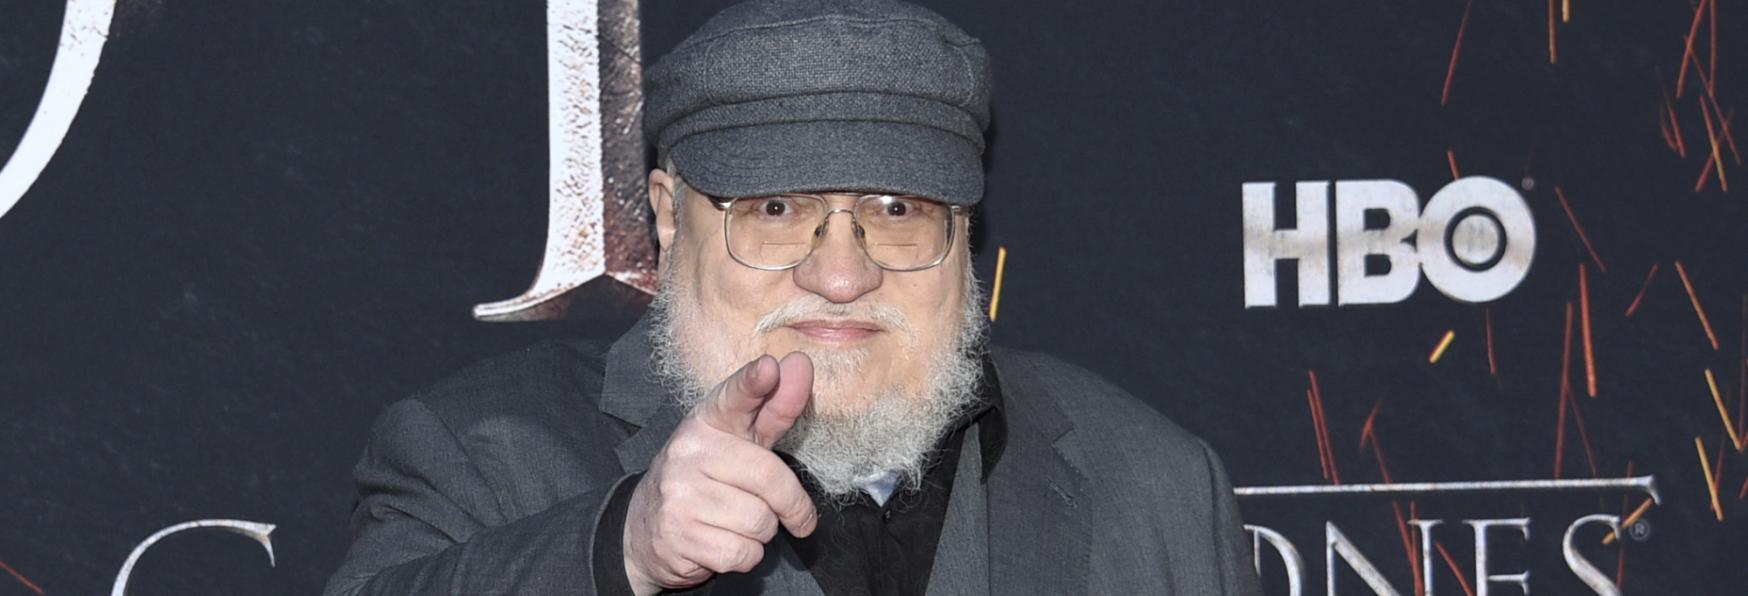 Game of Thrones: George R. R. Martin afferma che il Finale non Influenzerà i Libri